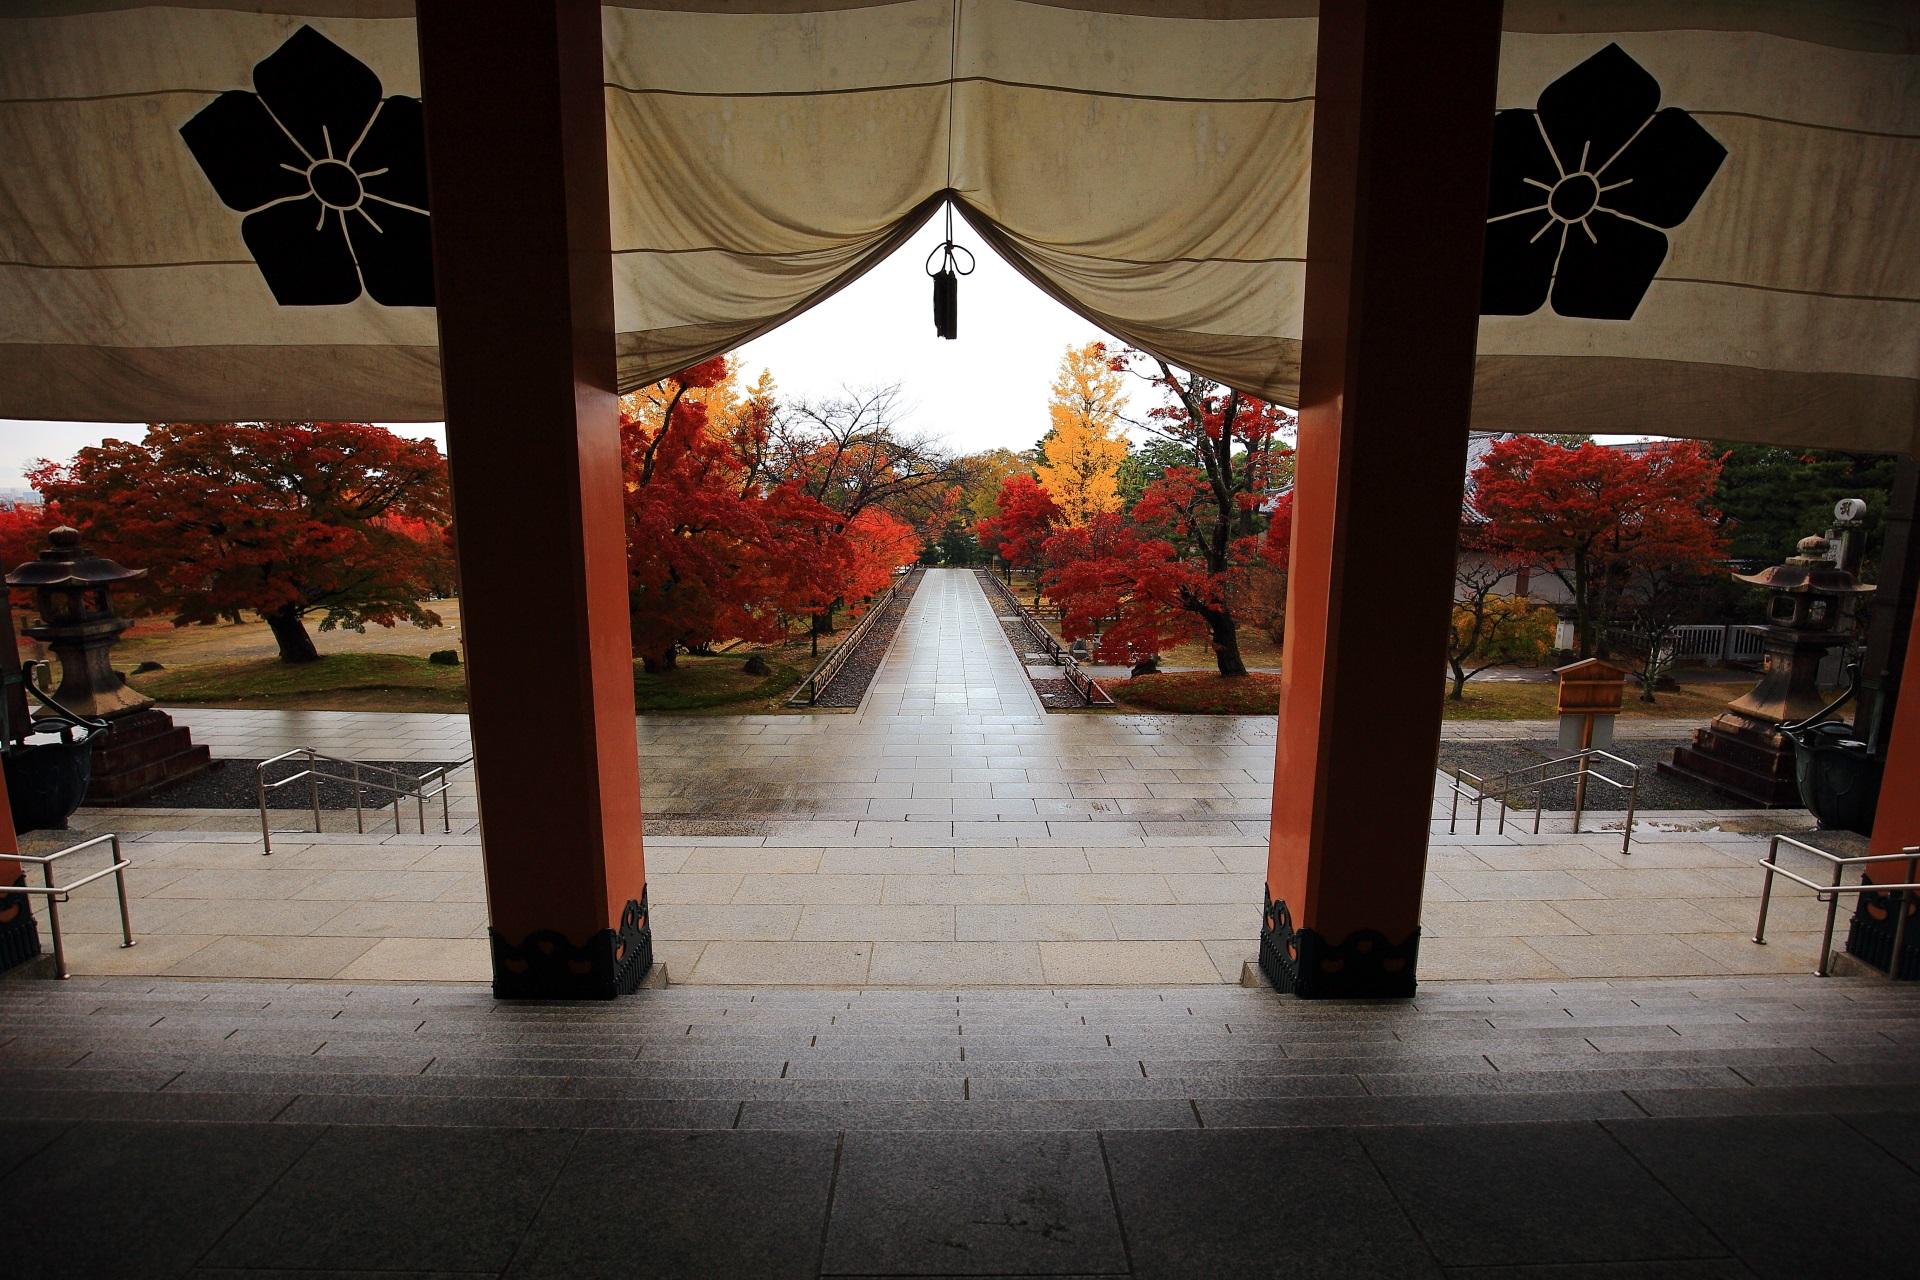 智積院の金堂から眺めた雨で潤った紅葉の参道